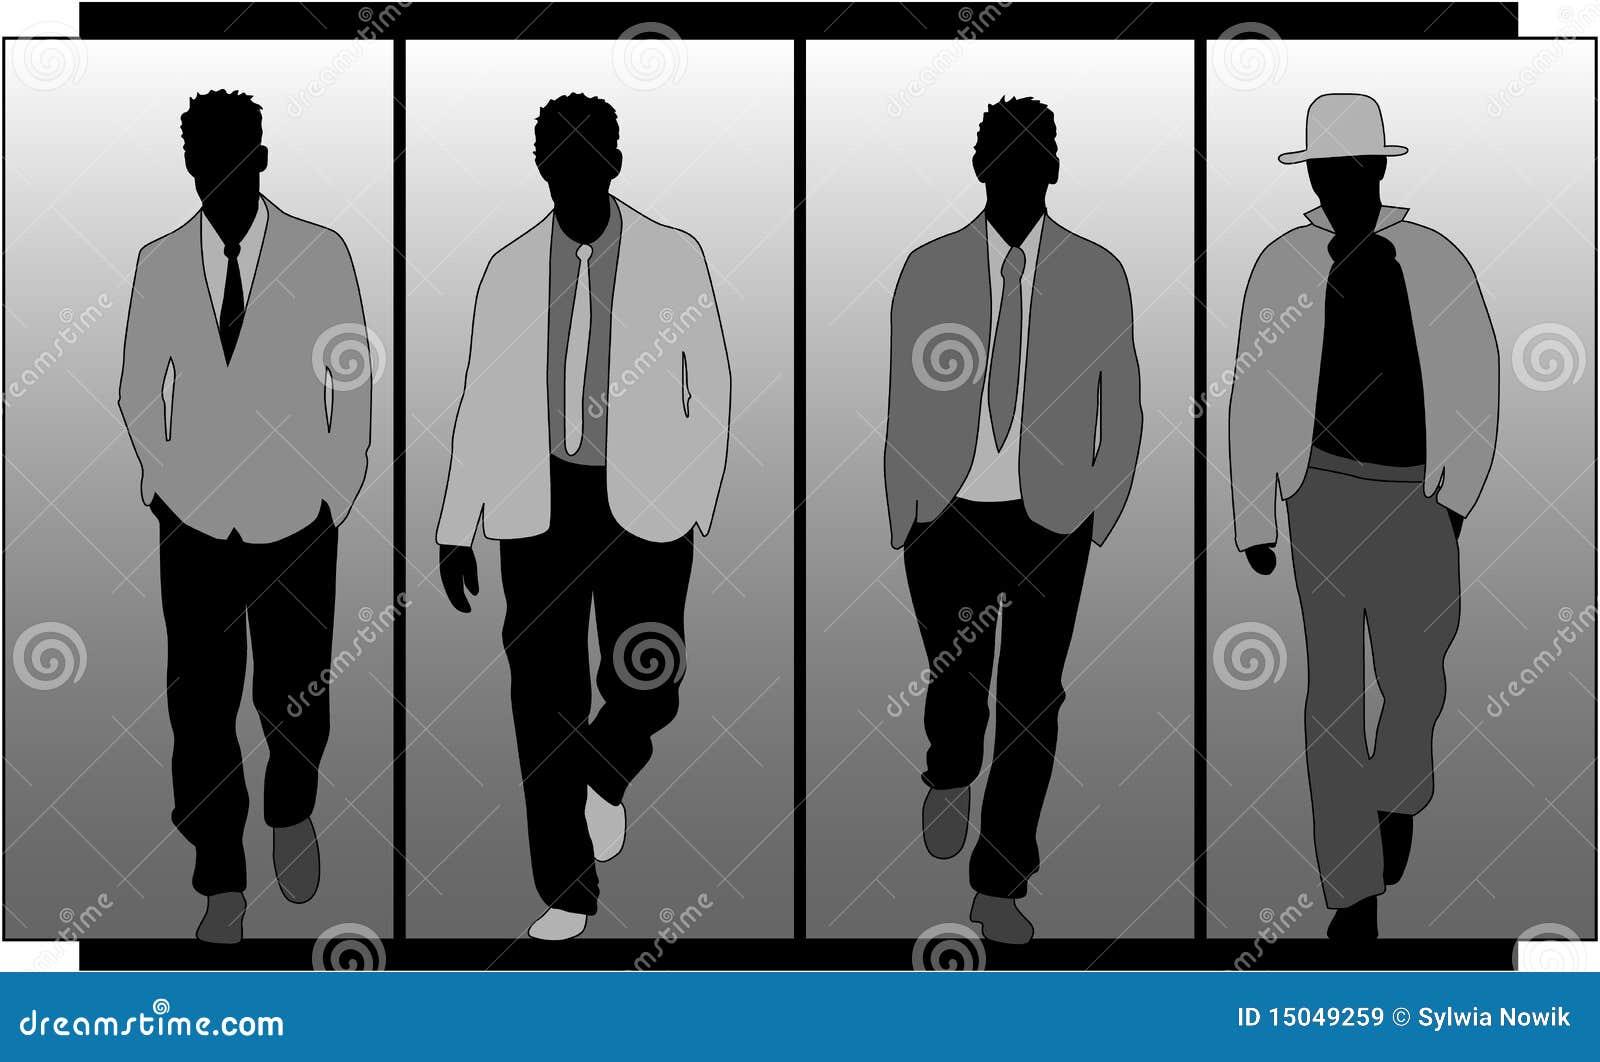 058b9b29a79 Mens fashion stock vector illustration of person play jpg 1300x880 Mens  fashion silhouette